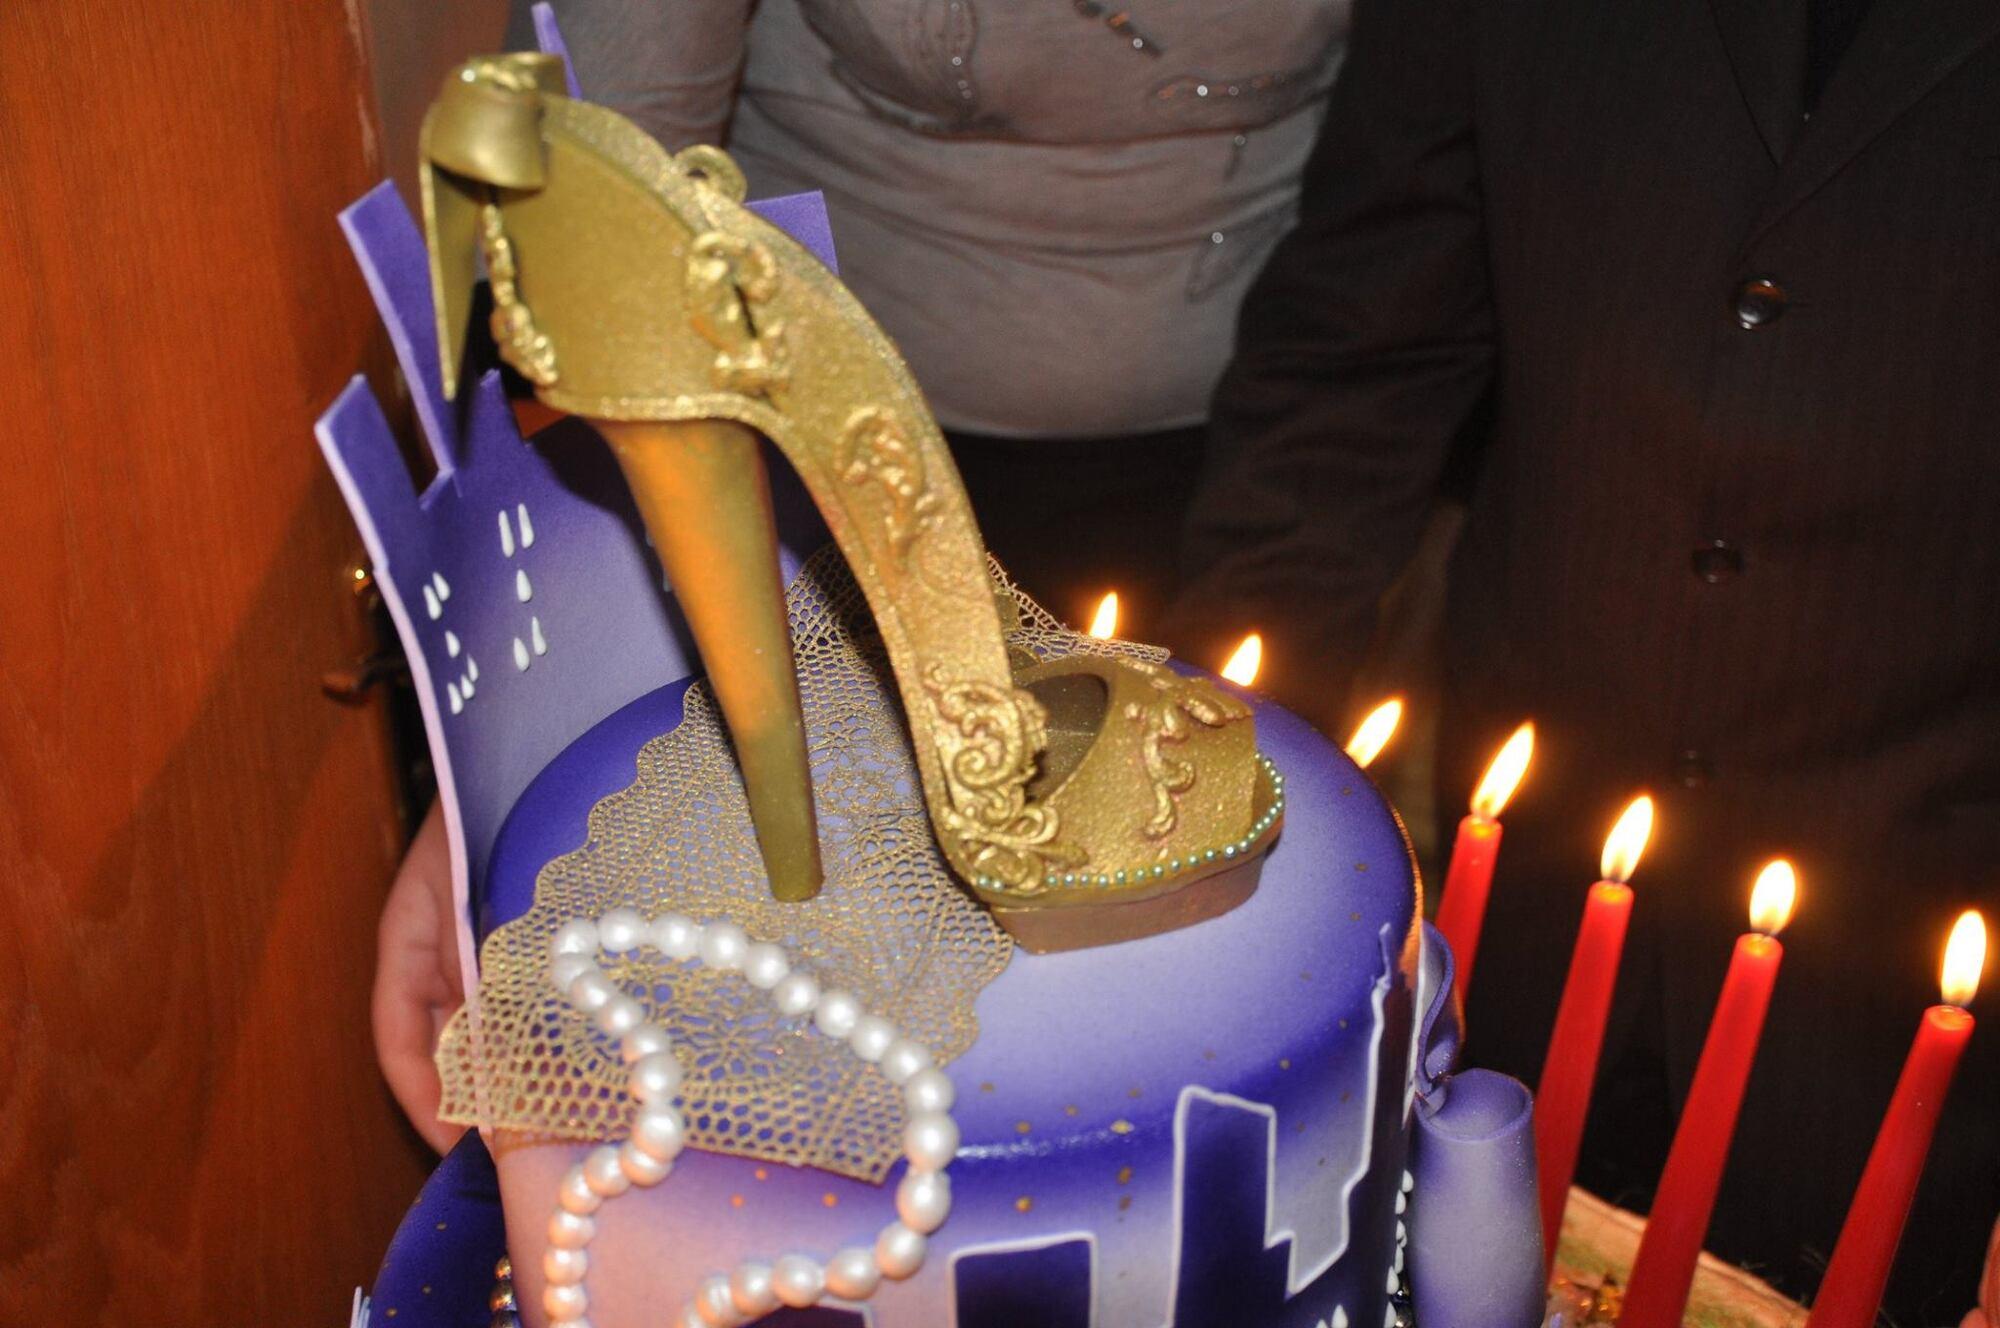 Підлизнули: мережу обурило святкування дня народження чиновниці в Харкові